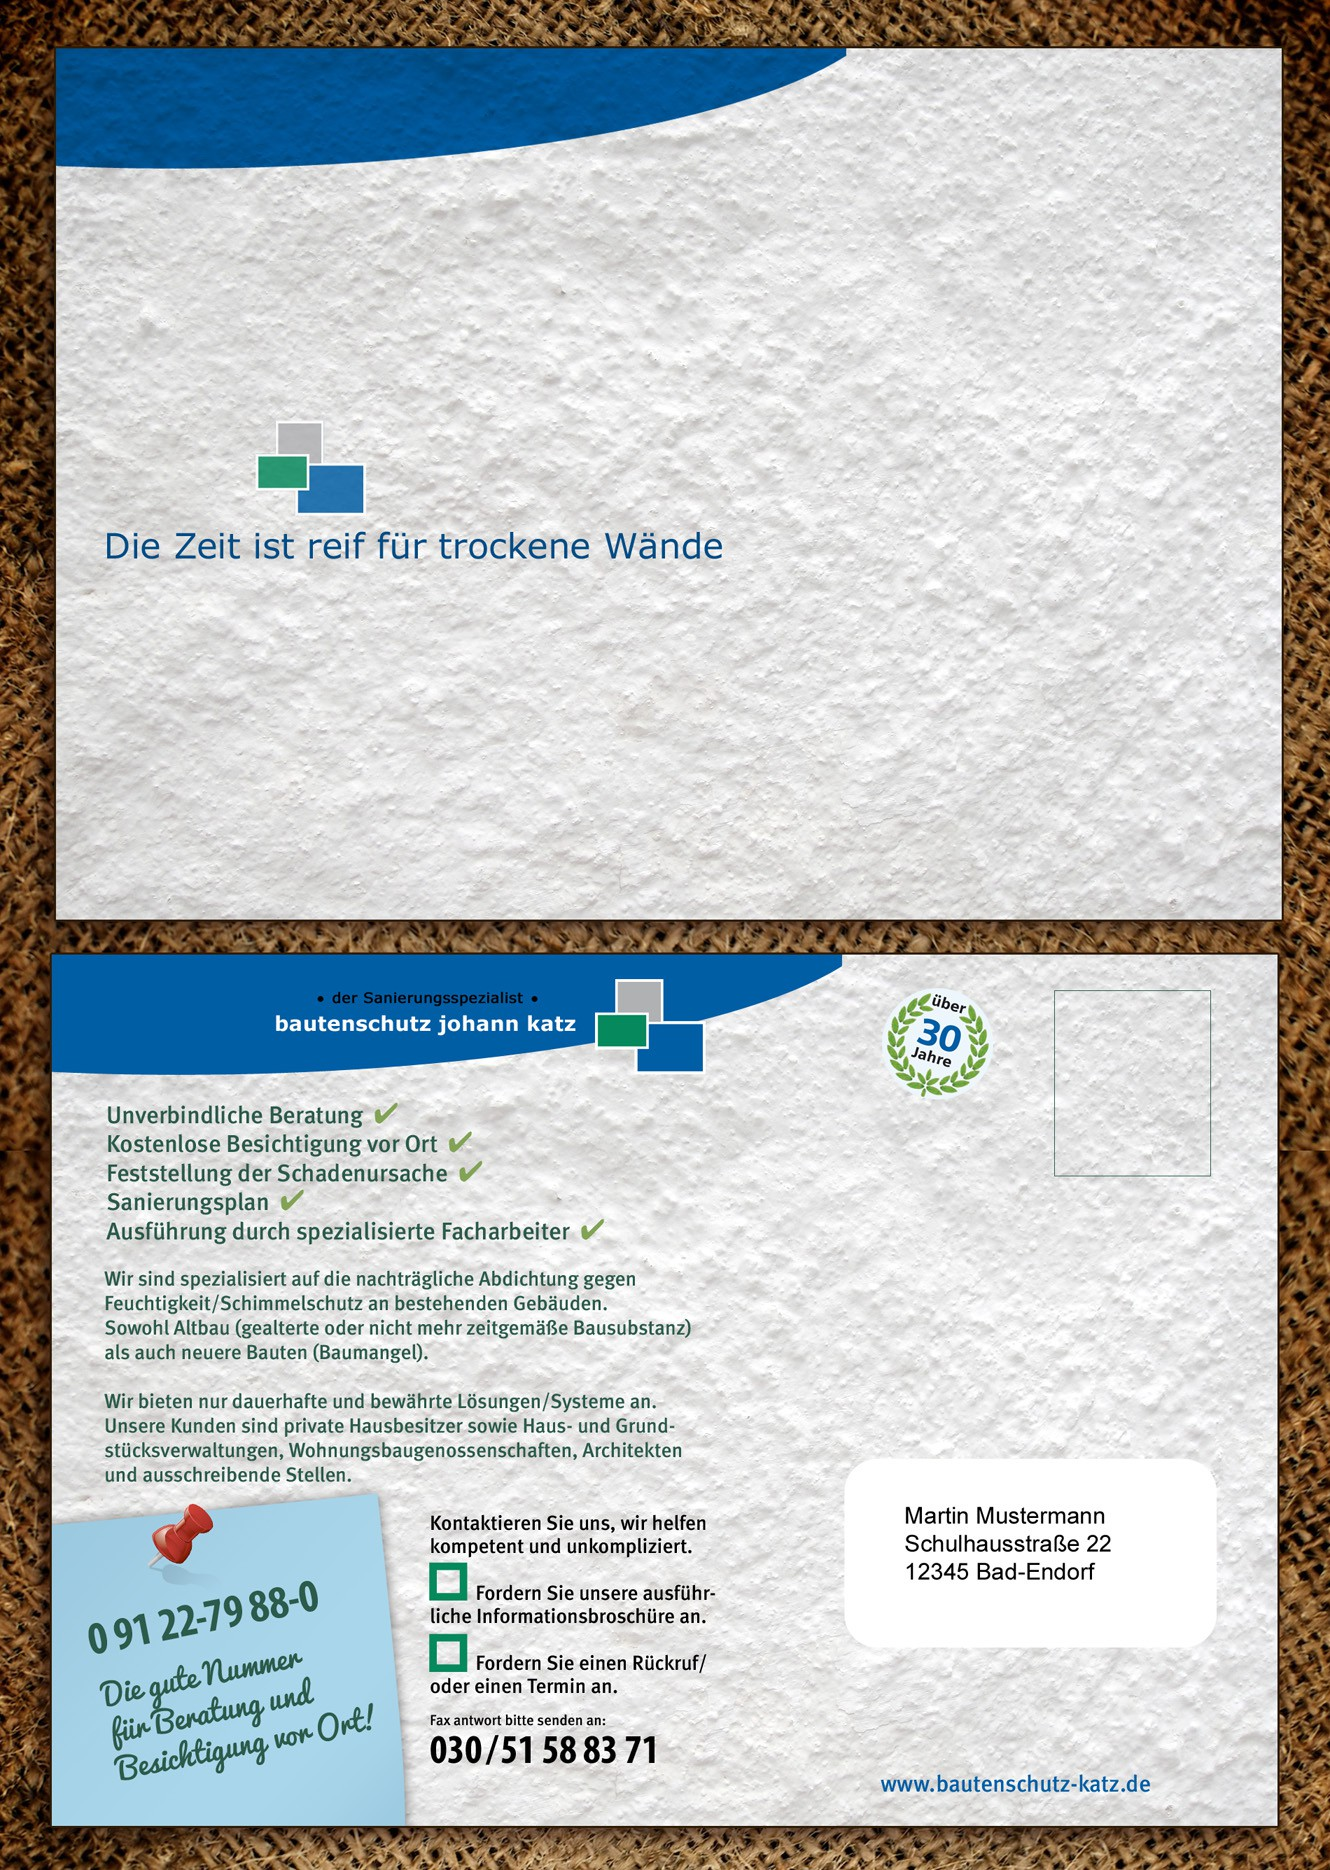 postcard or flyer für bautenschutz johann katz GmbH